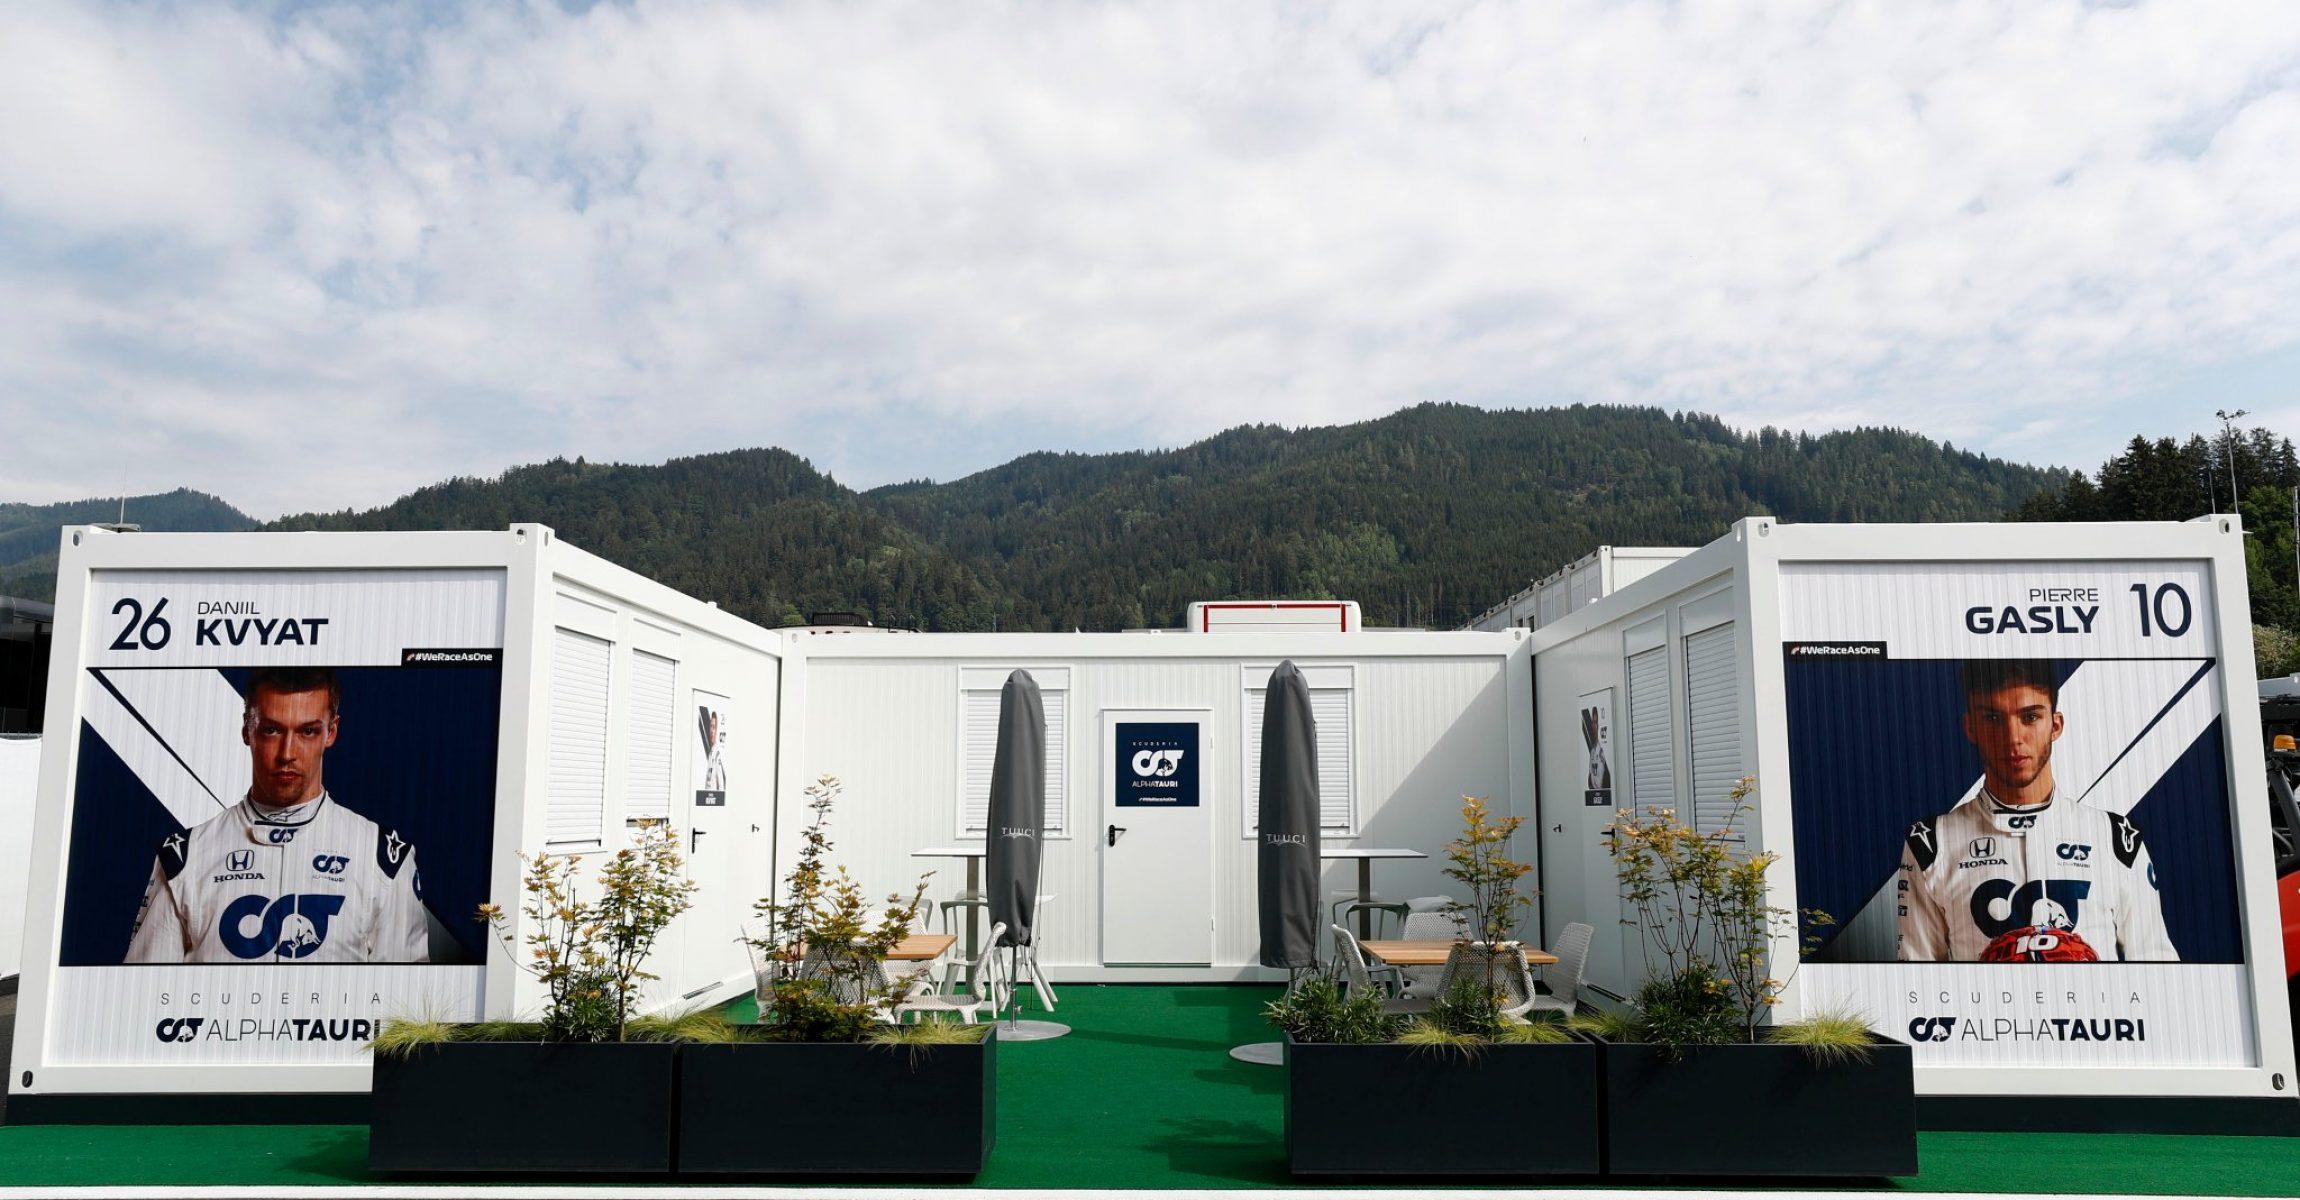 F1 paddock, Spielberg